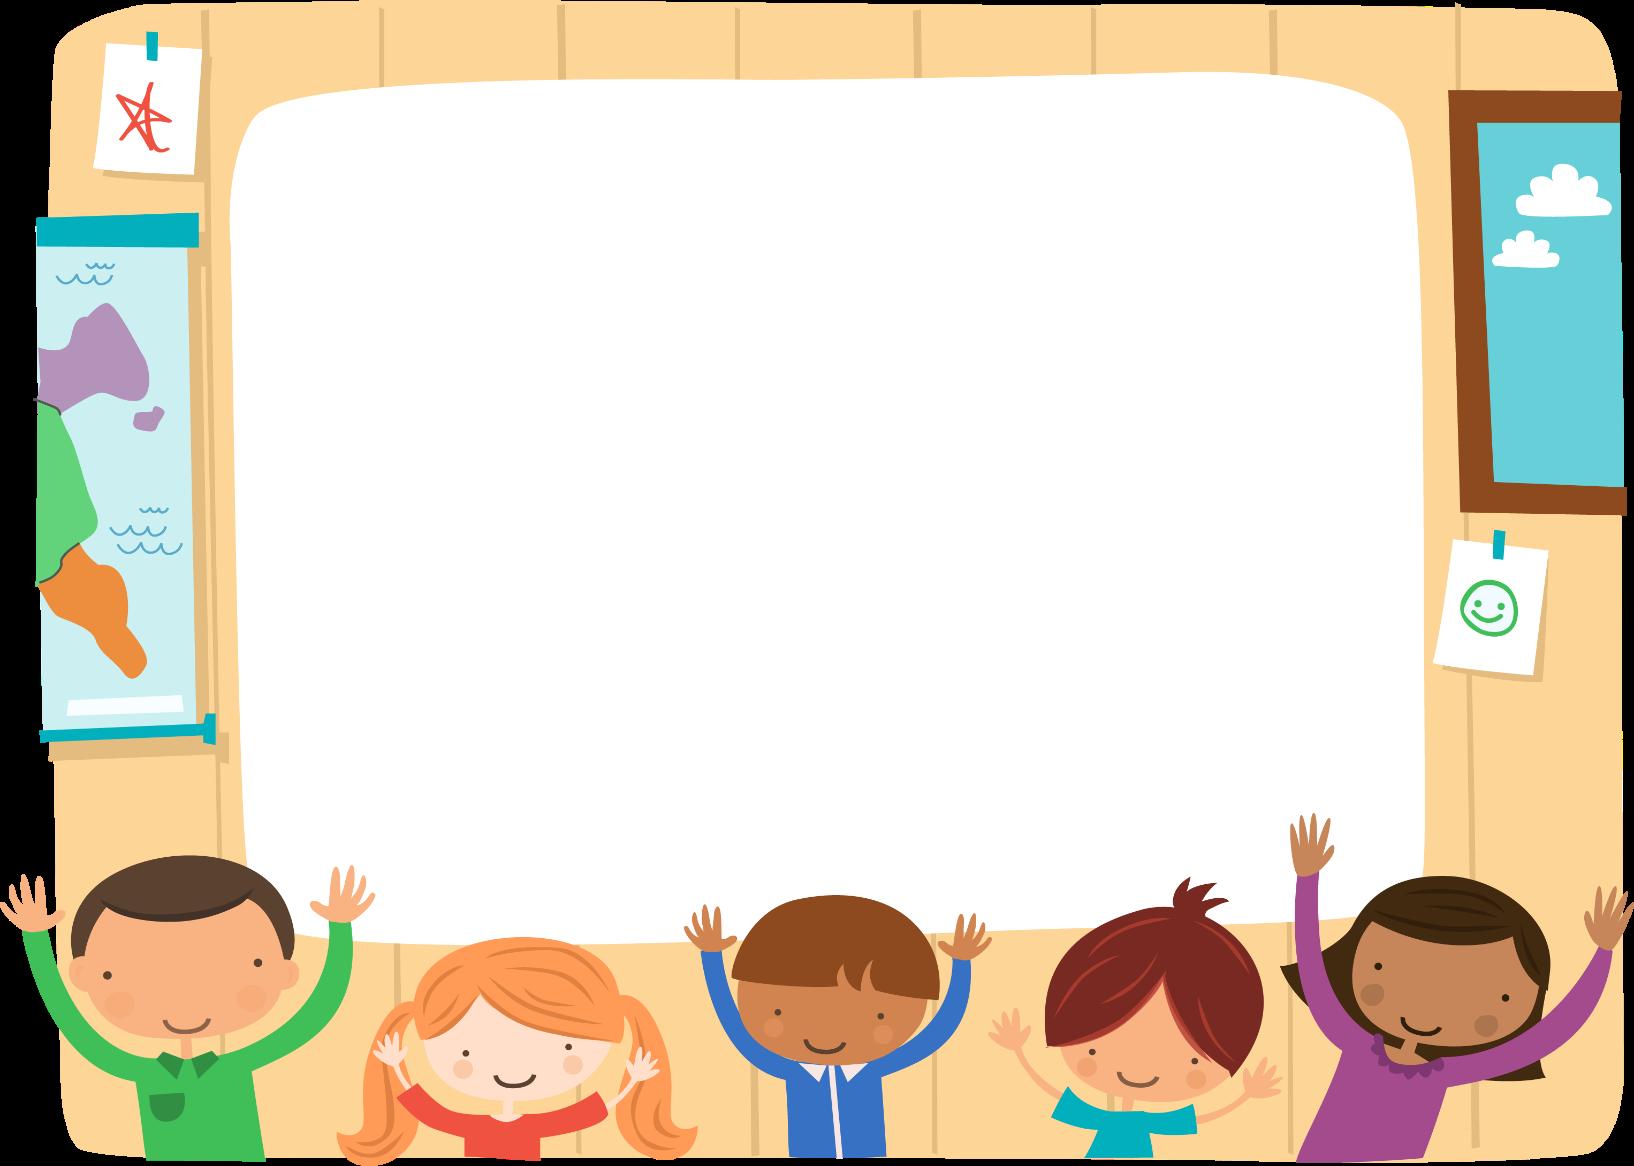 Фоновый мультиплекационный рисунок, на котором изображены счастливые дети в школьном классе.